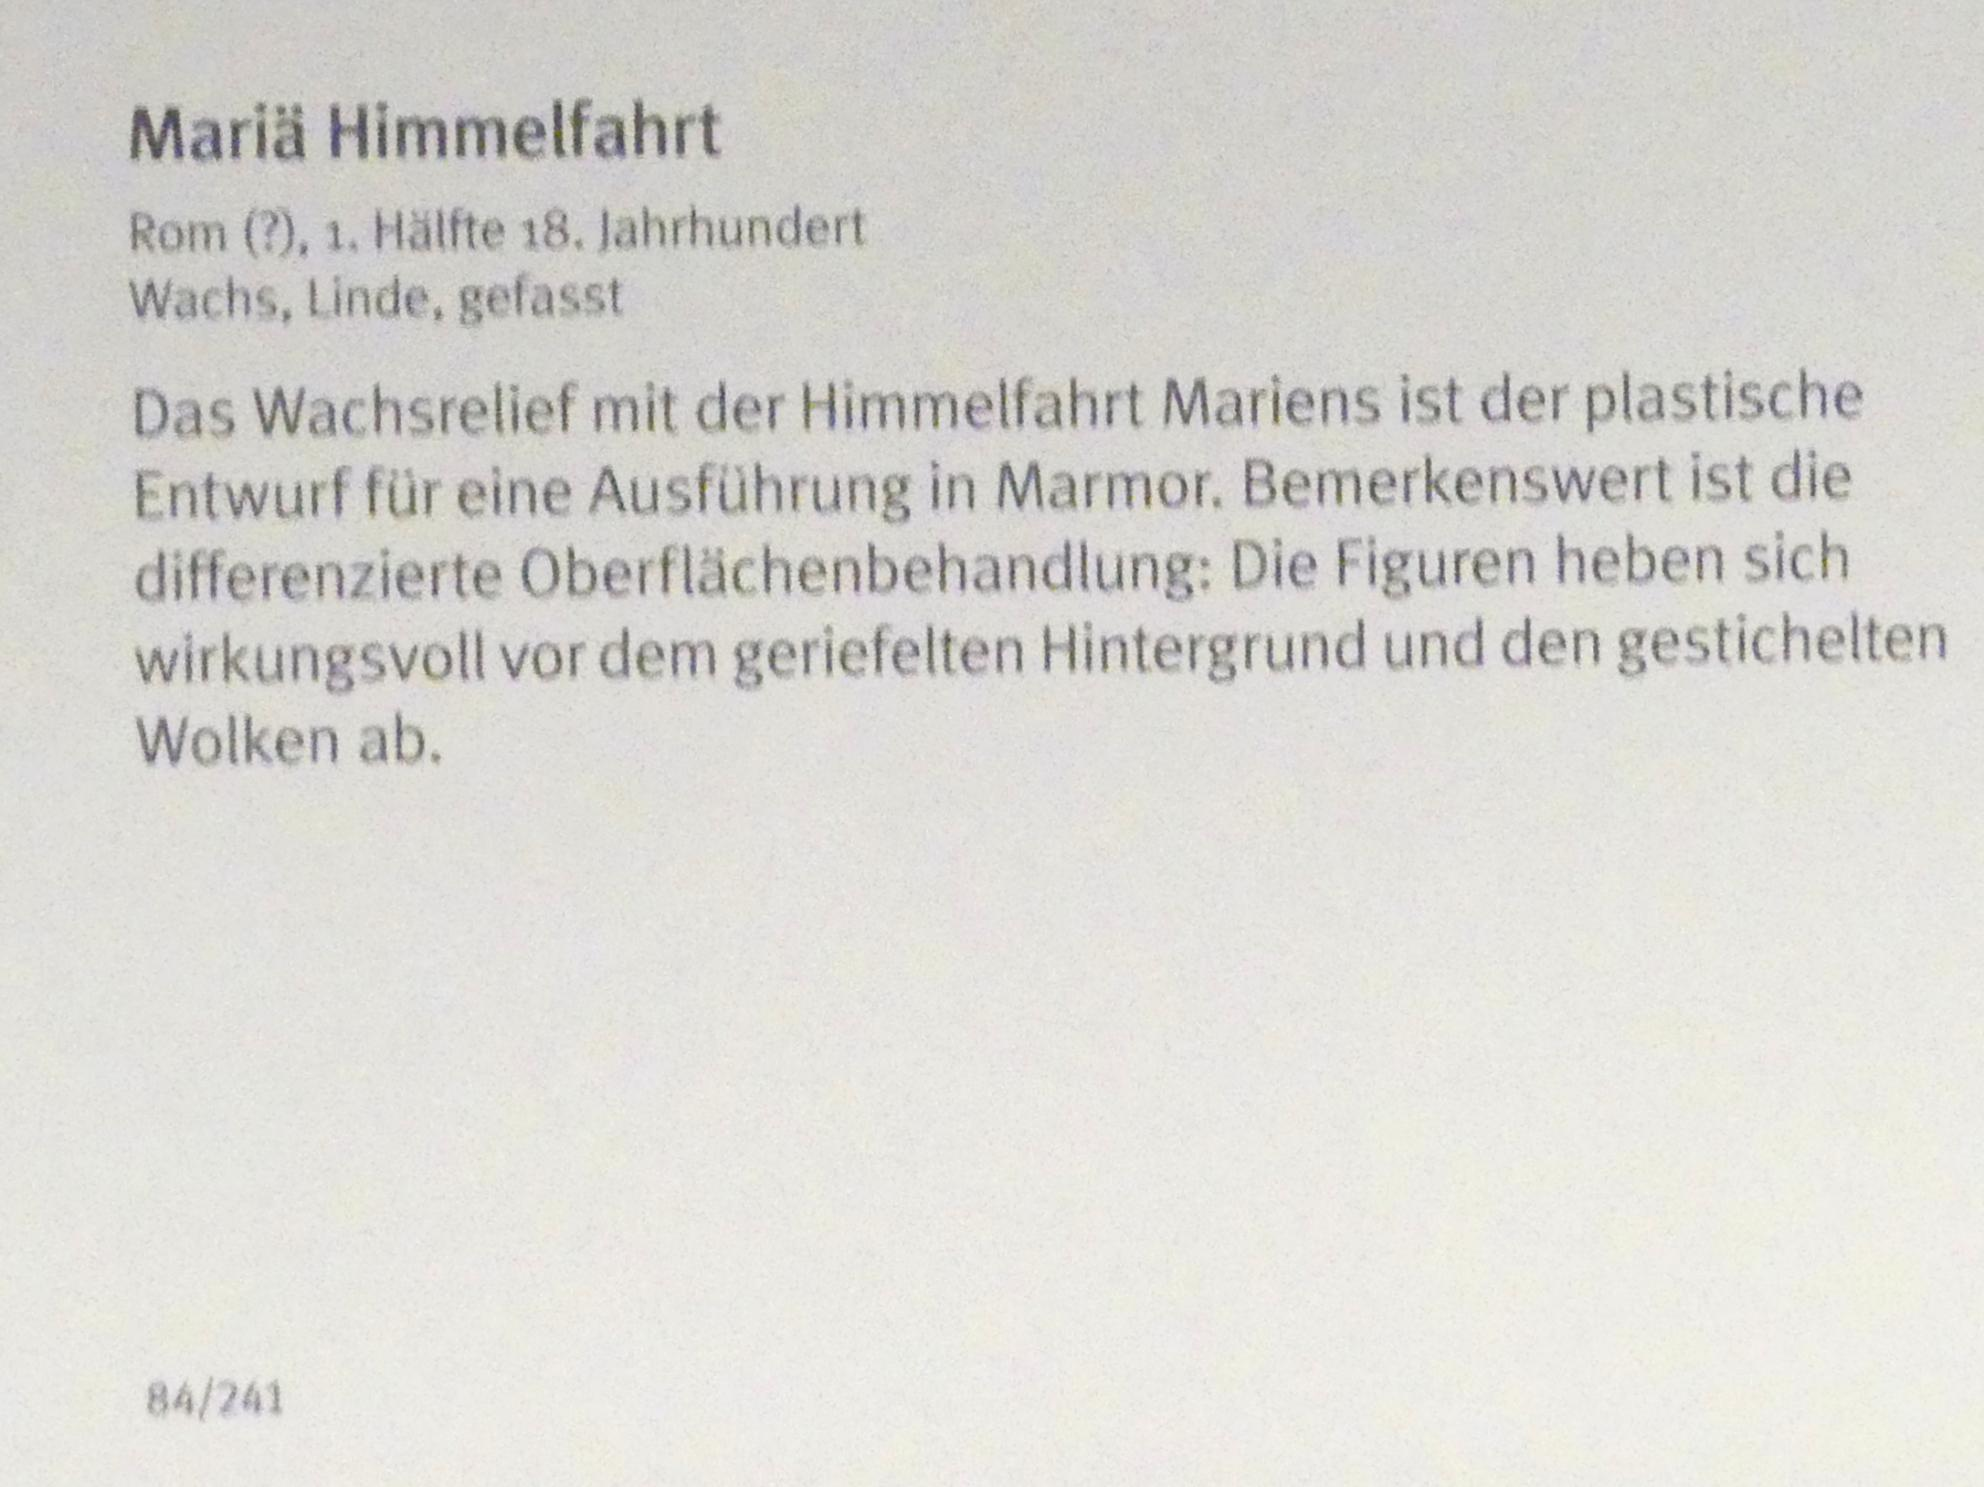 Mariä Himmelfahrt, 1. Hälfte 18. Jhd.